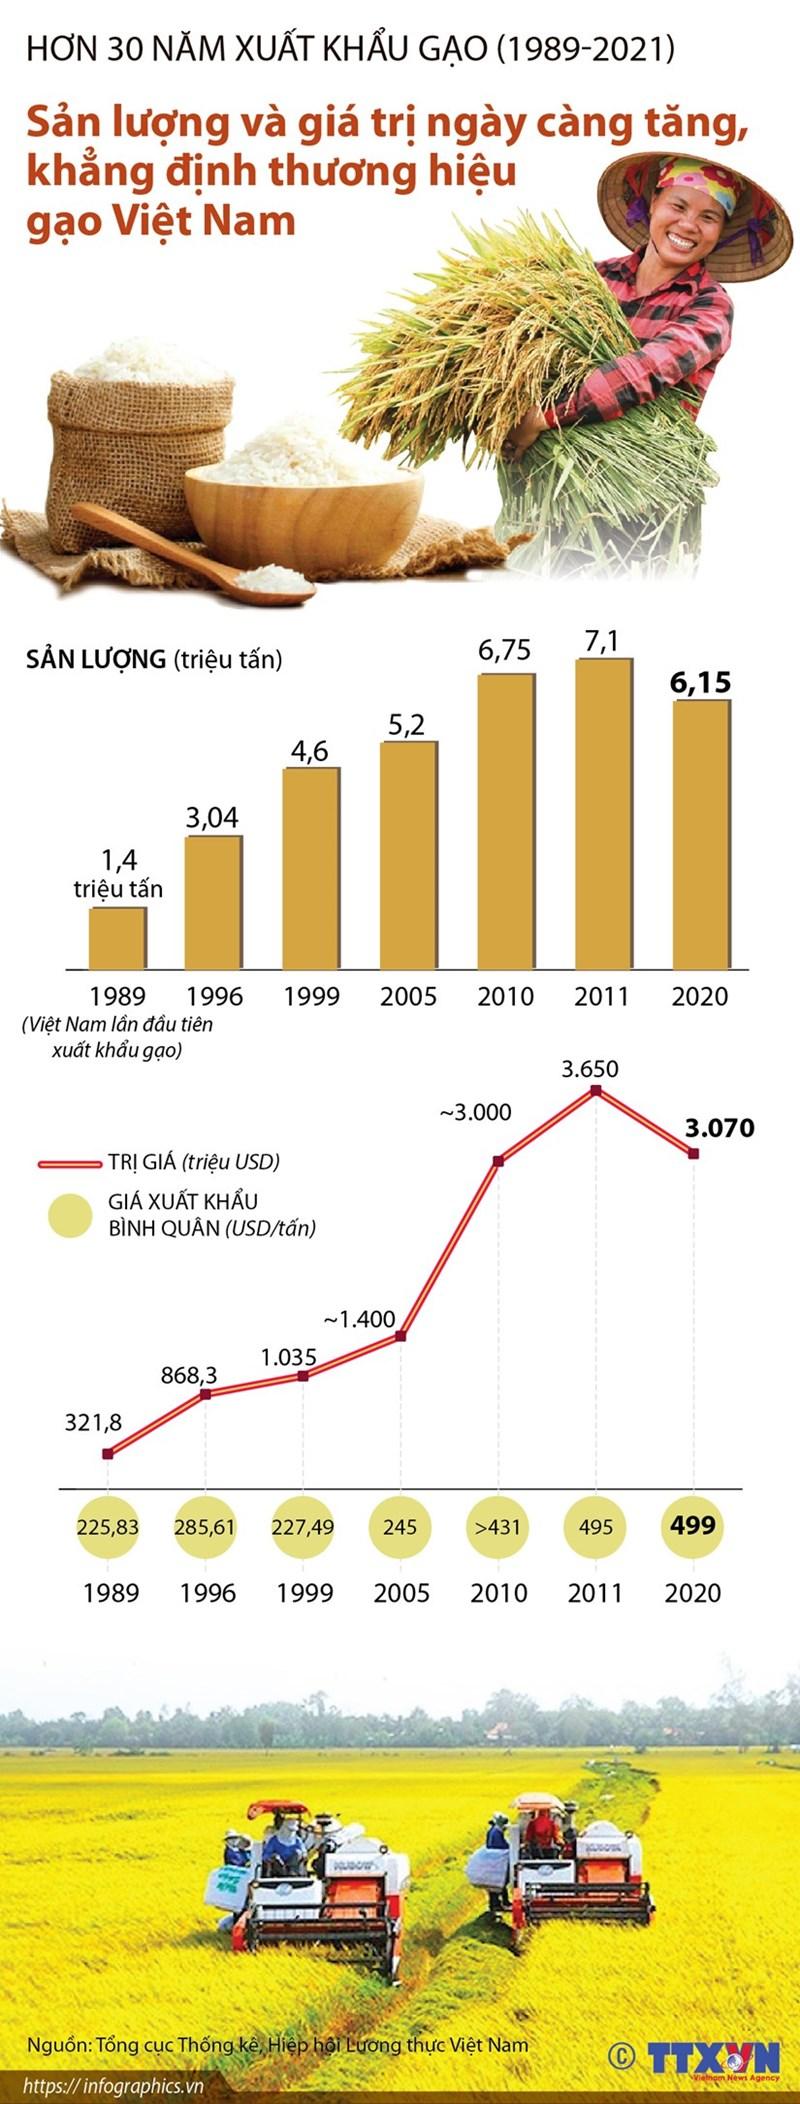 [Infographics] Sản lượng và giá trị gia tăng, khẳng định thương hiệu gạo Việt Nam - Ảnh 1